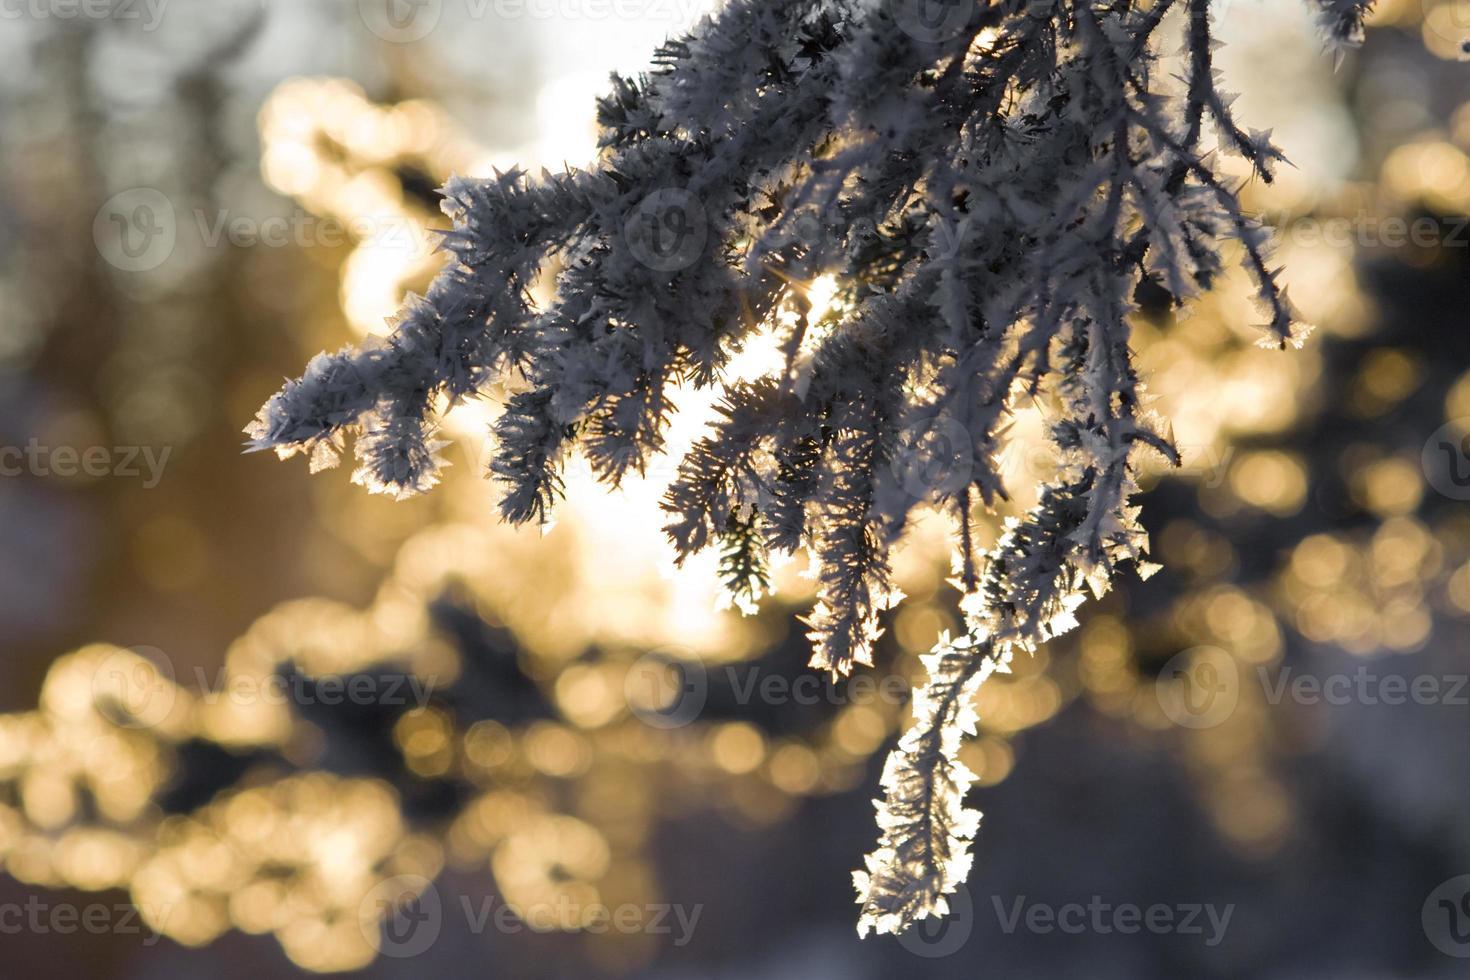 cristaux de glace d'hiver sur pin congelé photo